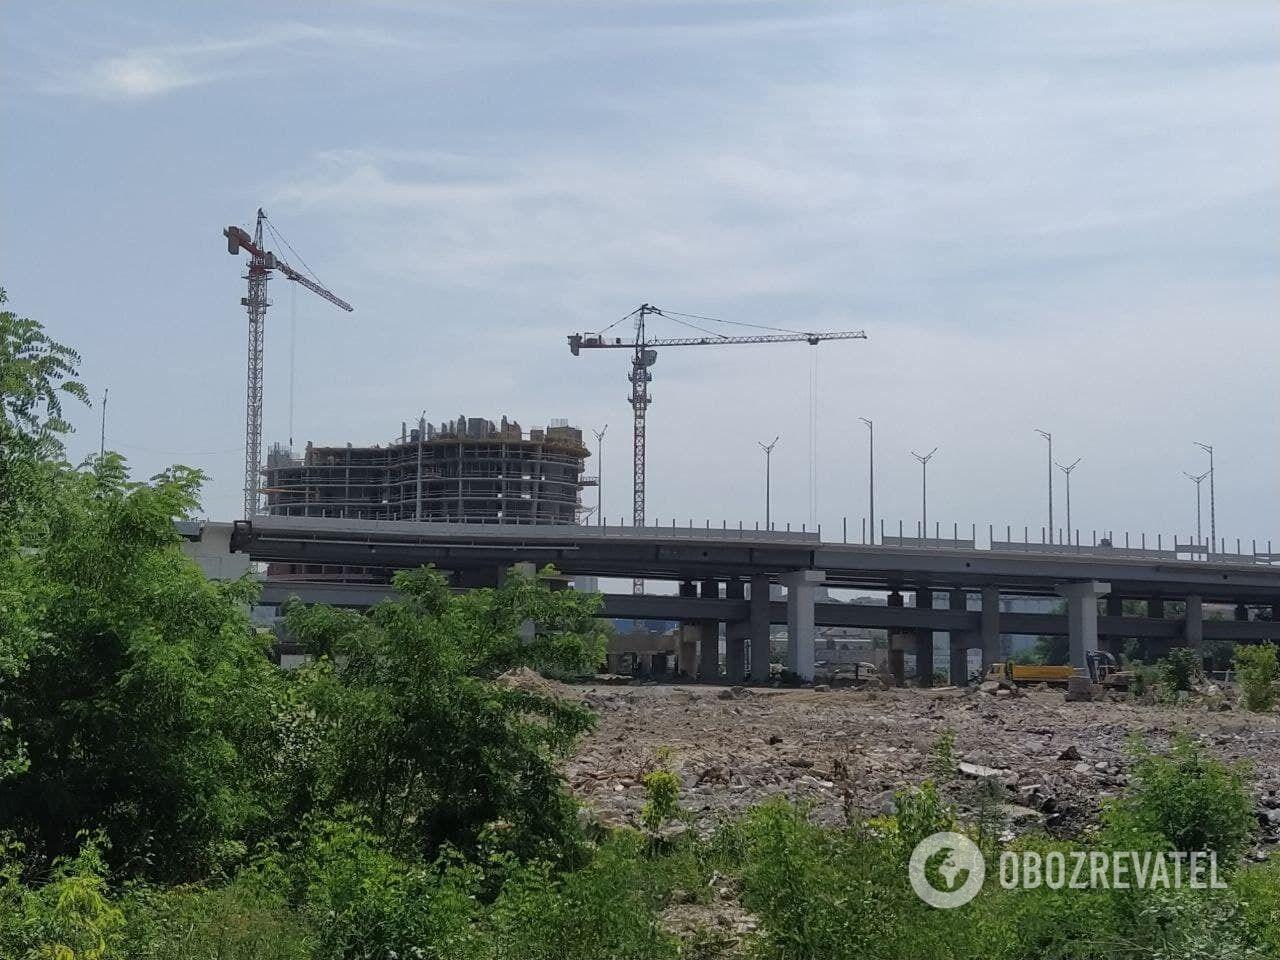 Будівництво ЖК OASIS на Рибальському острові в Києві. Червень 2021 року